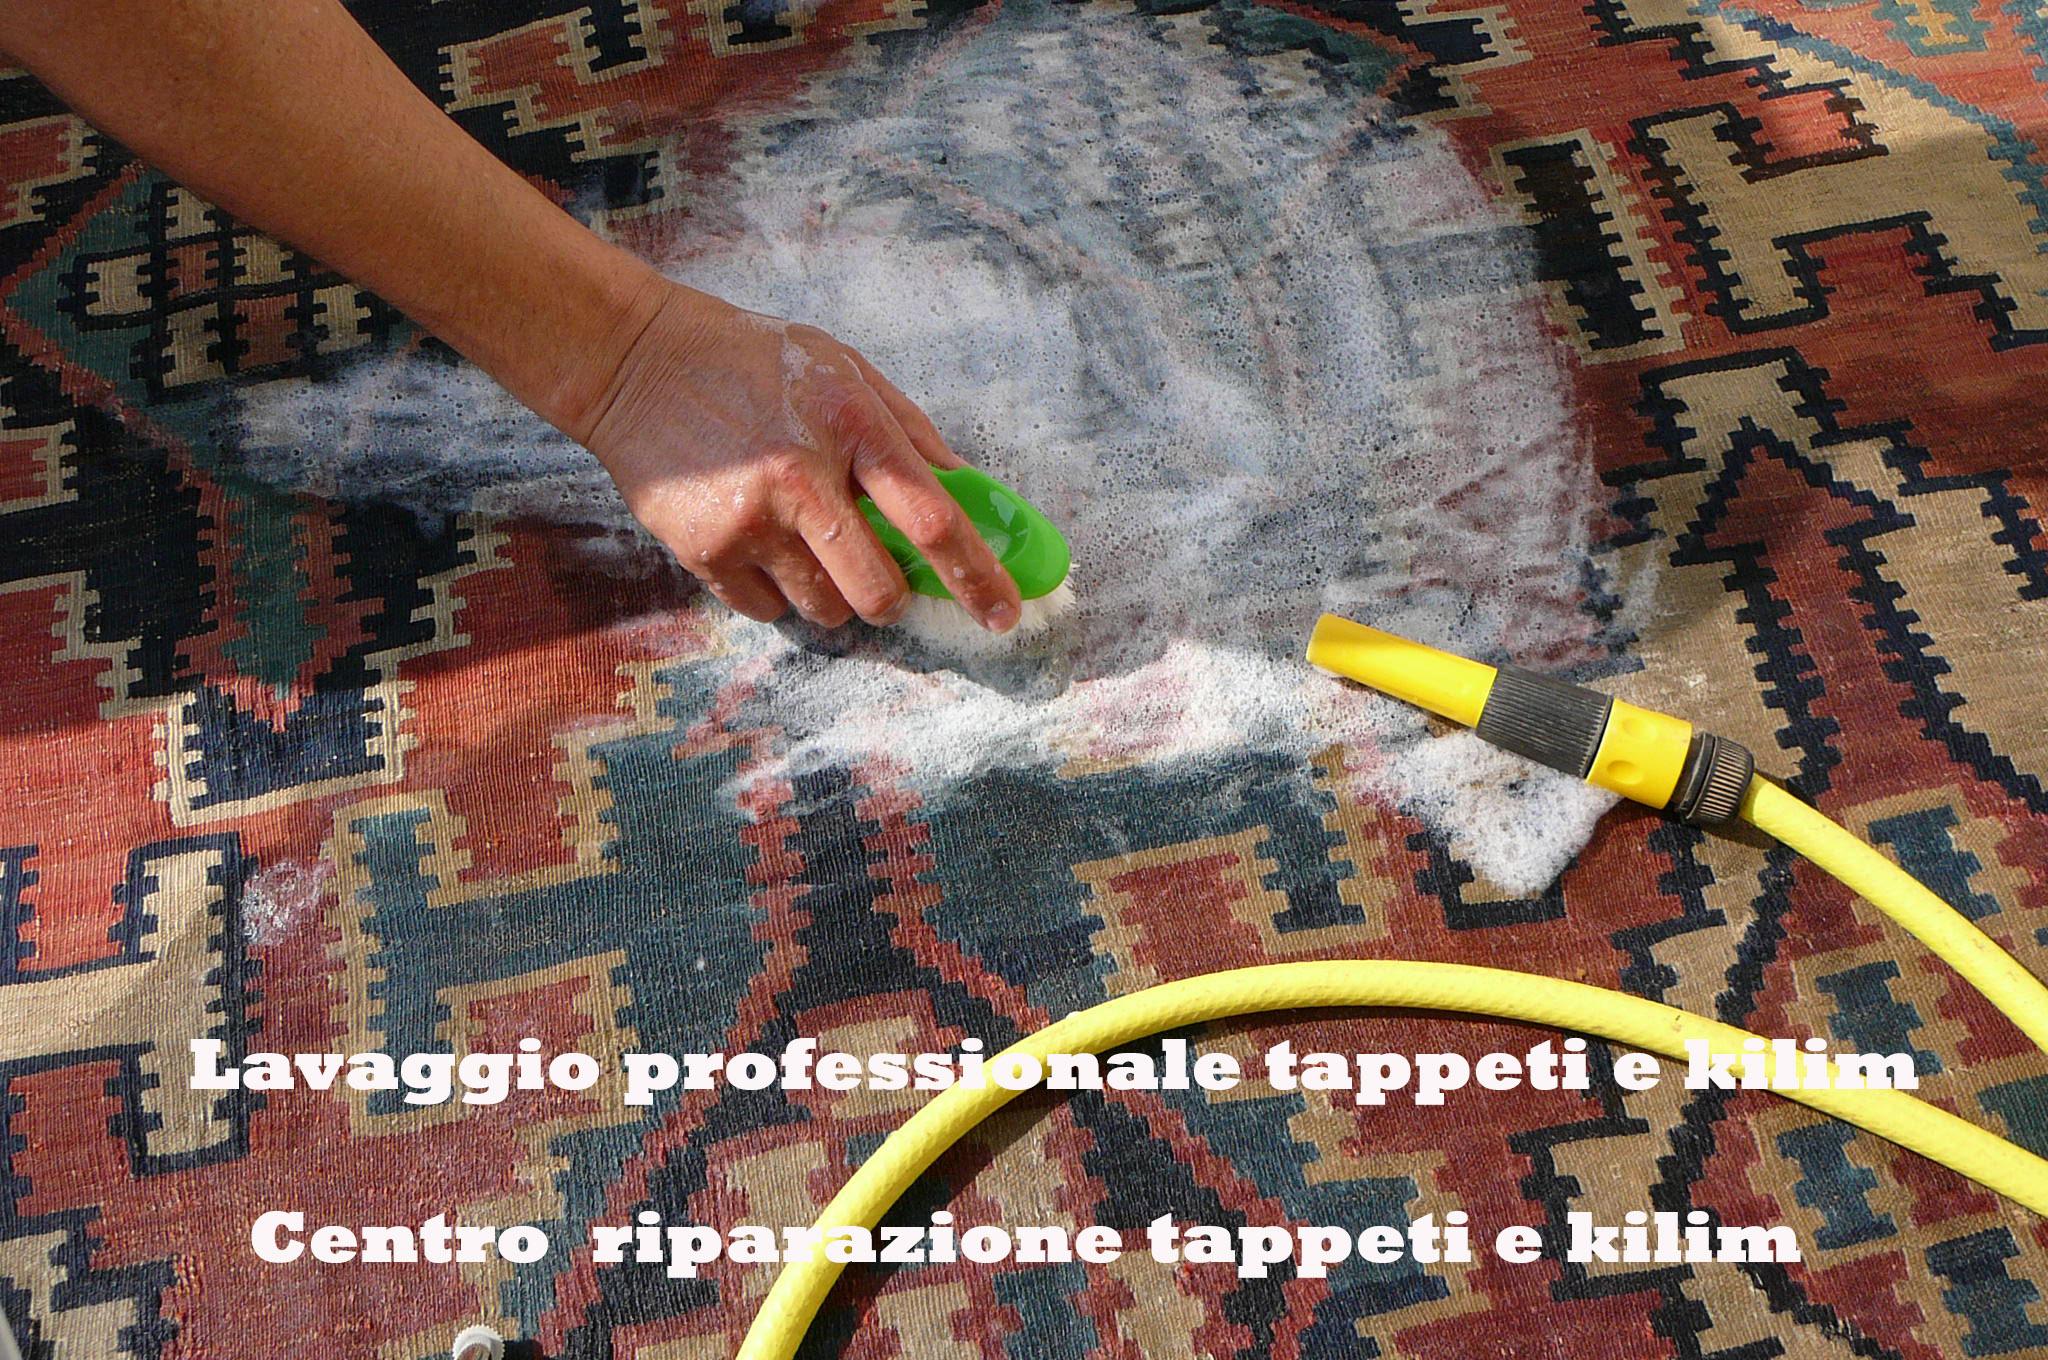 lavaggio tappeto antico kilim Caucasico a mano Campoformido